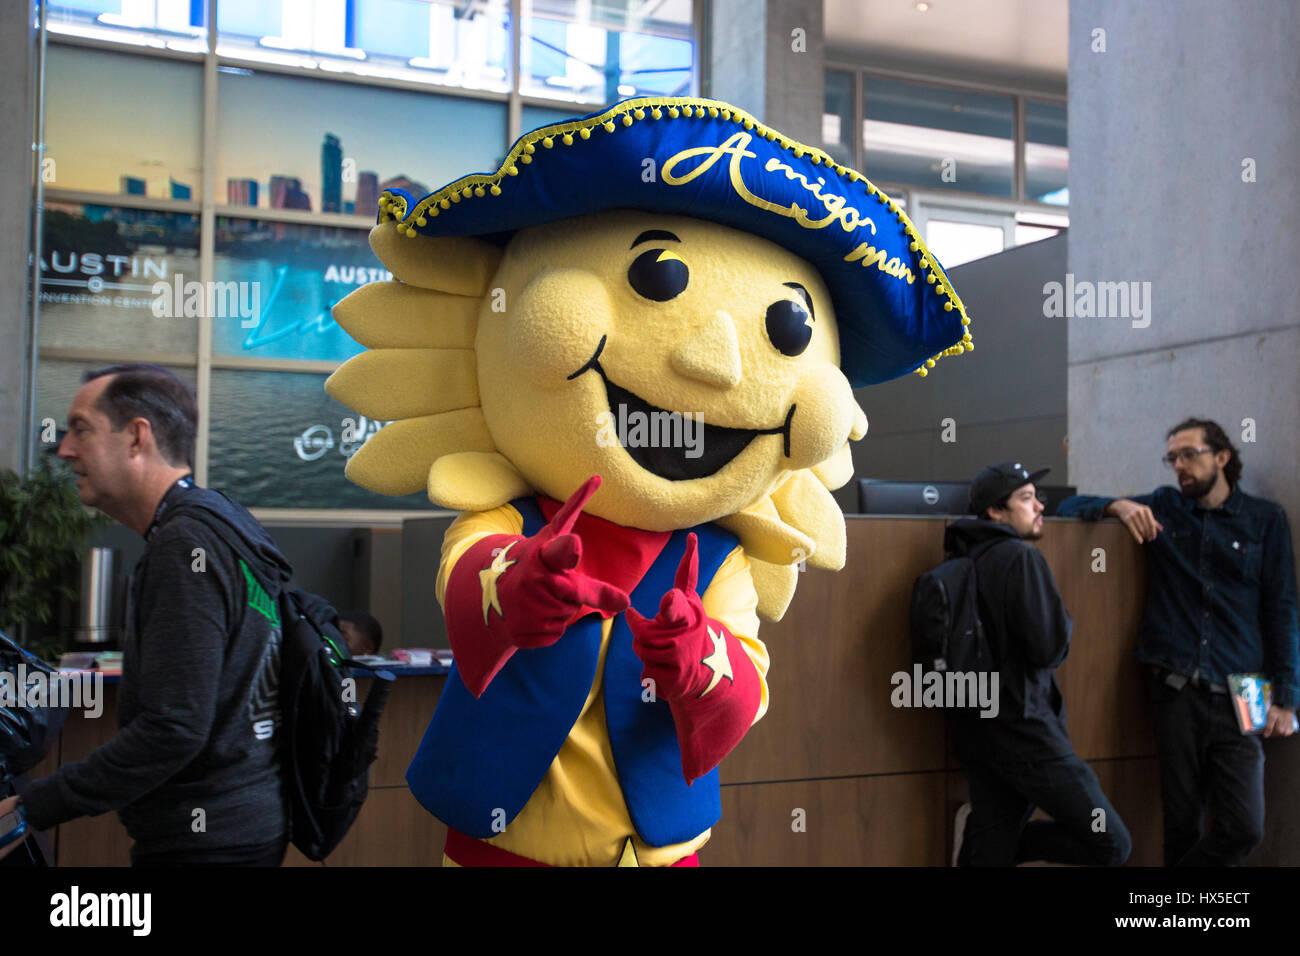 El Paso mascota, amigo hombre, en el Centro de Convenciones de Austin durante el SXSW. Imagen De Stock